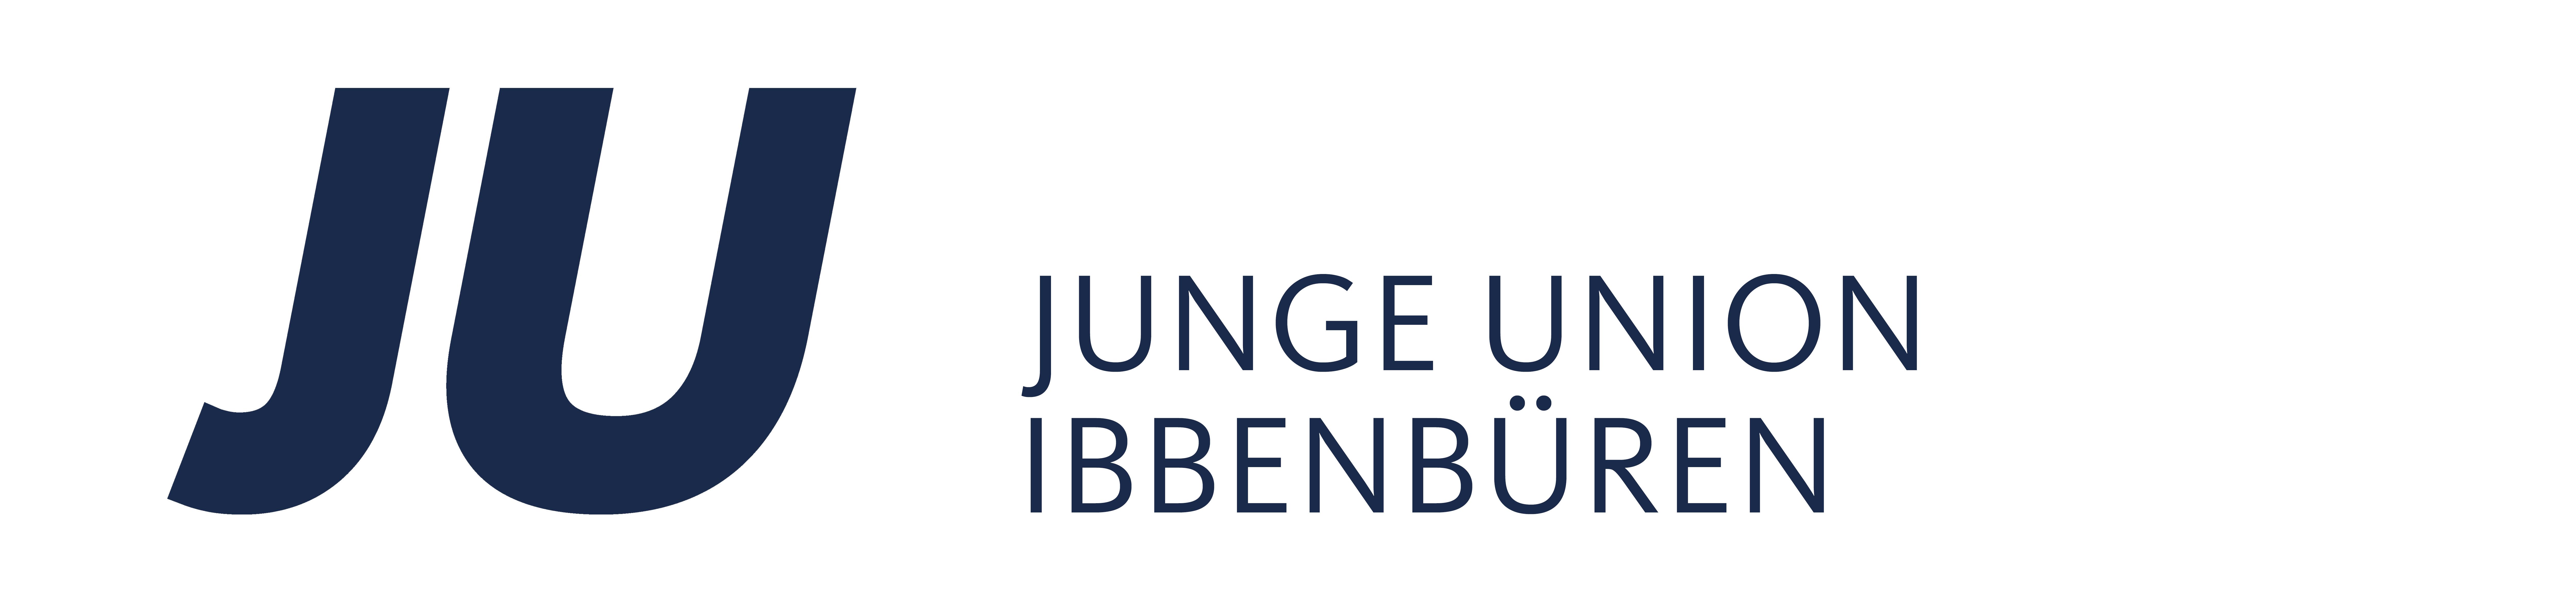 Logo von Junge Union Ibbenbüren